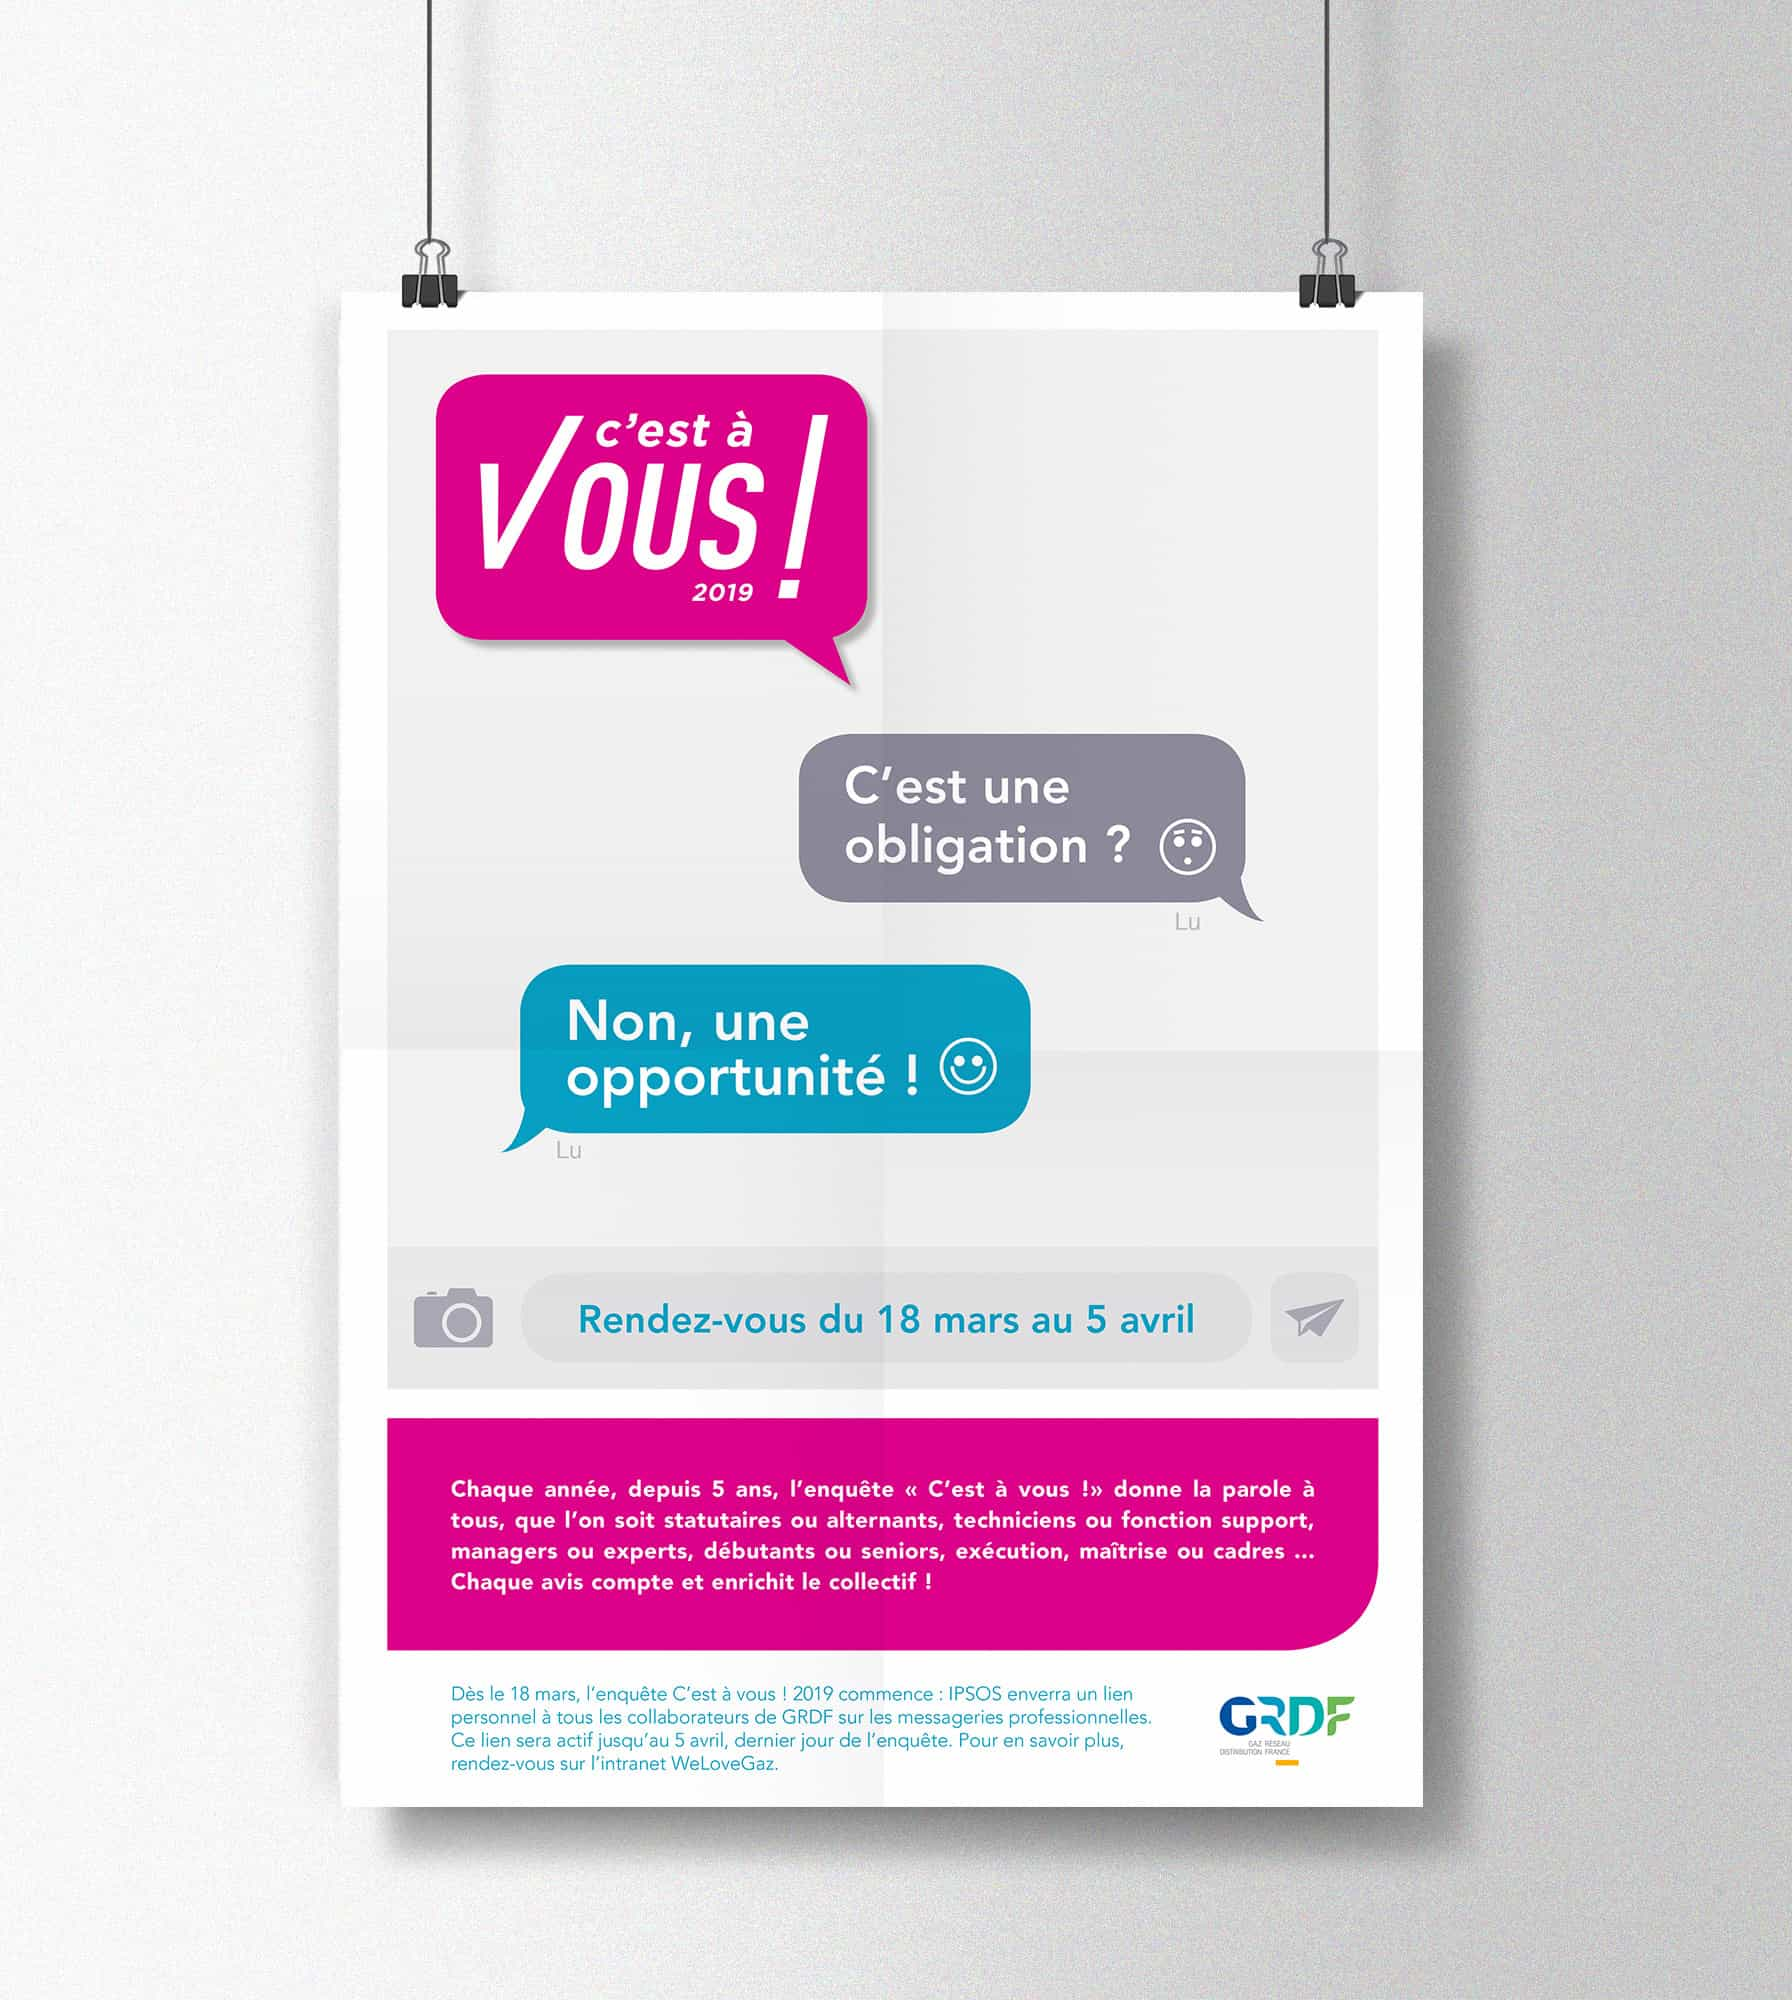 Affiche-2-cest-a-vous-pour-grdf